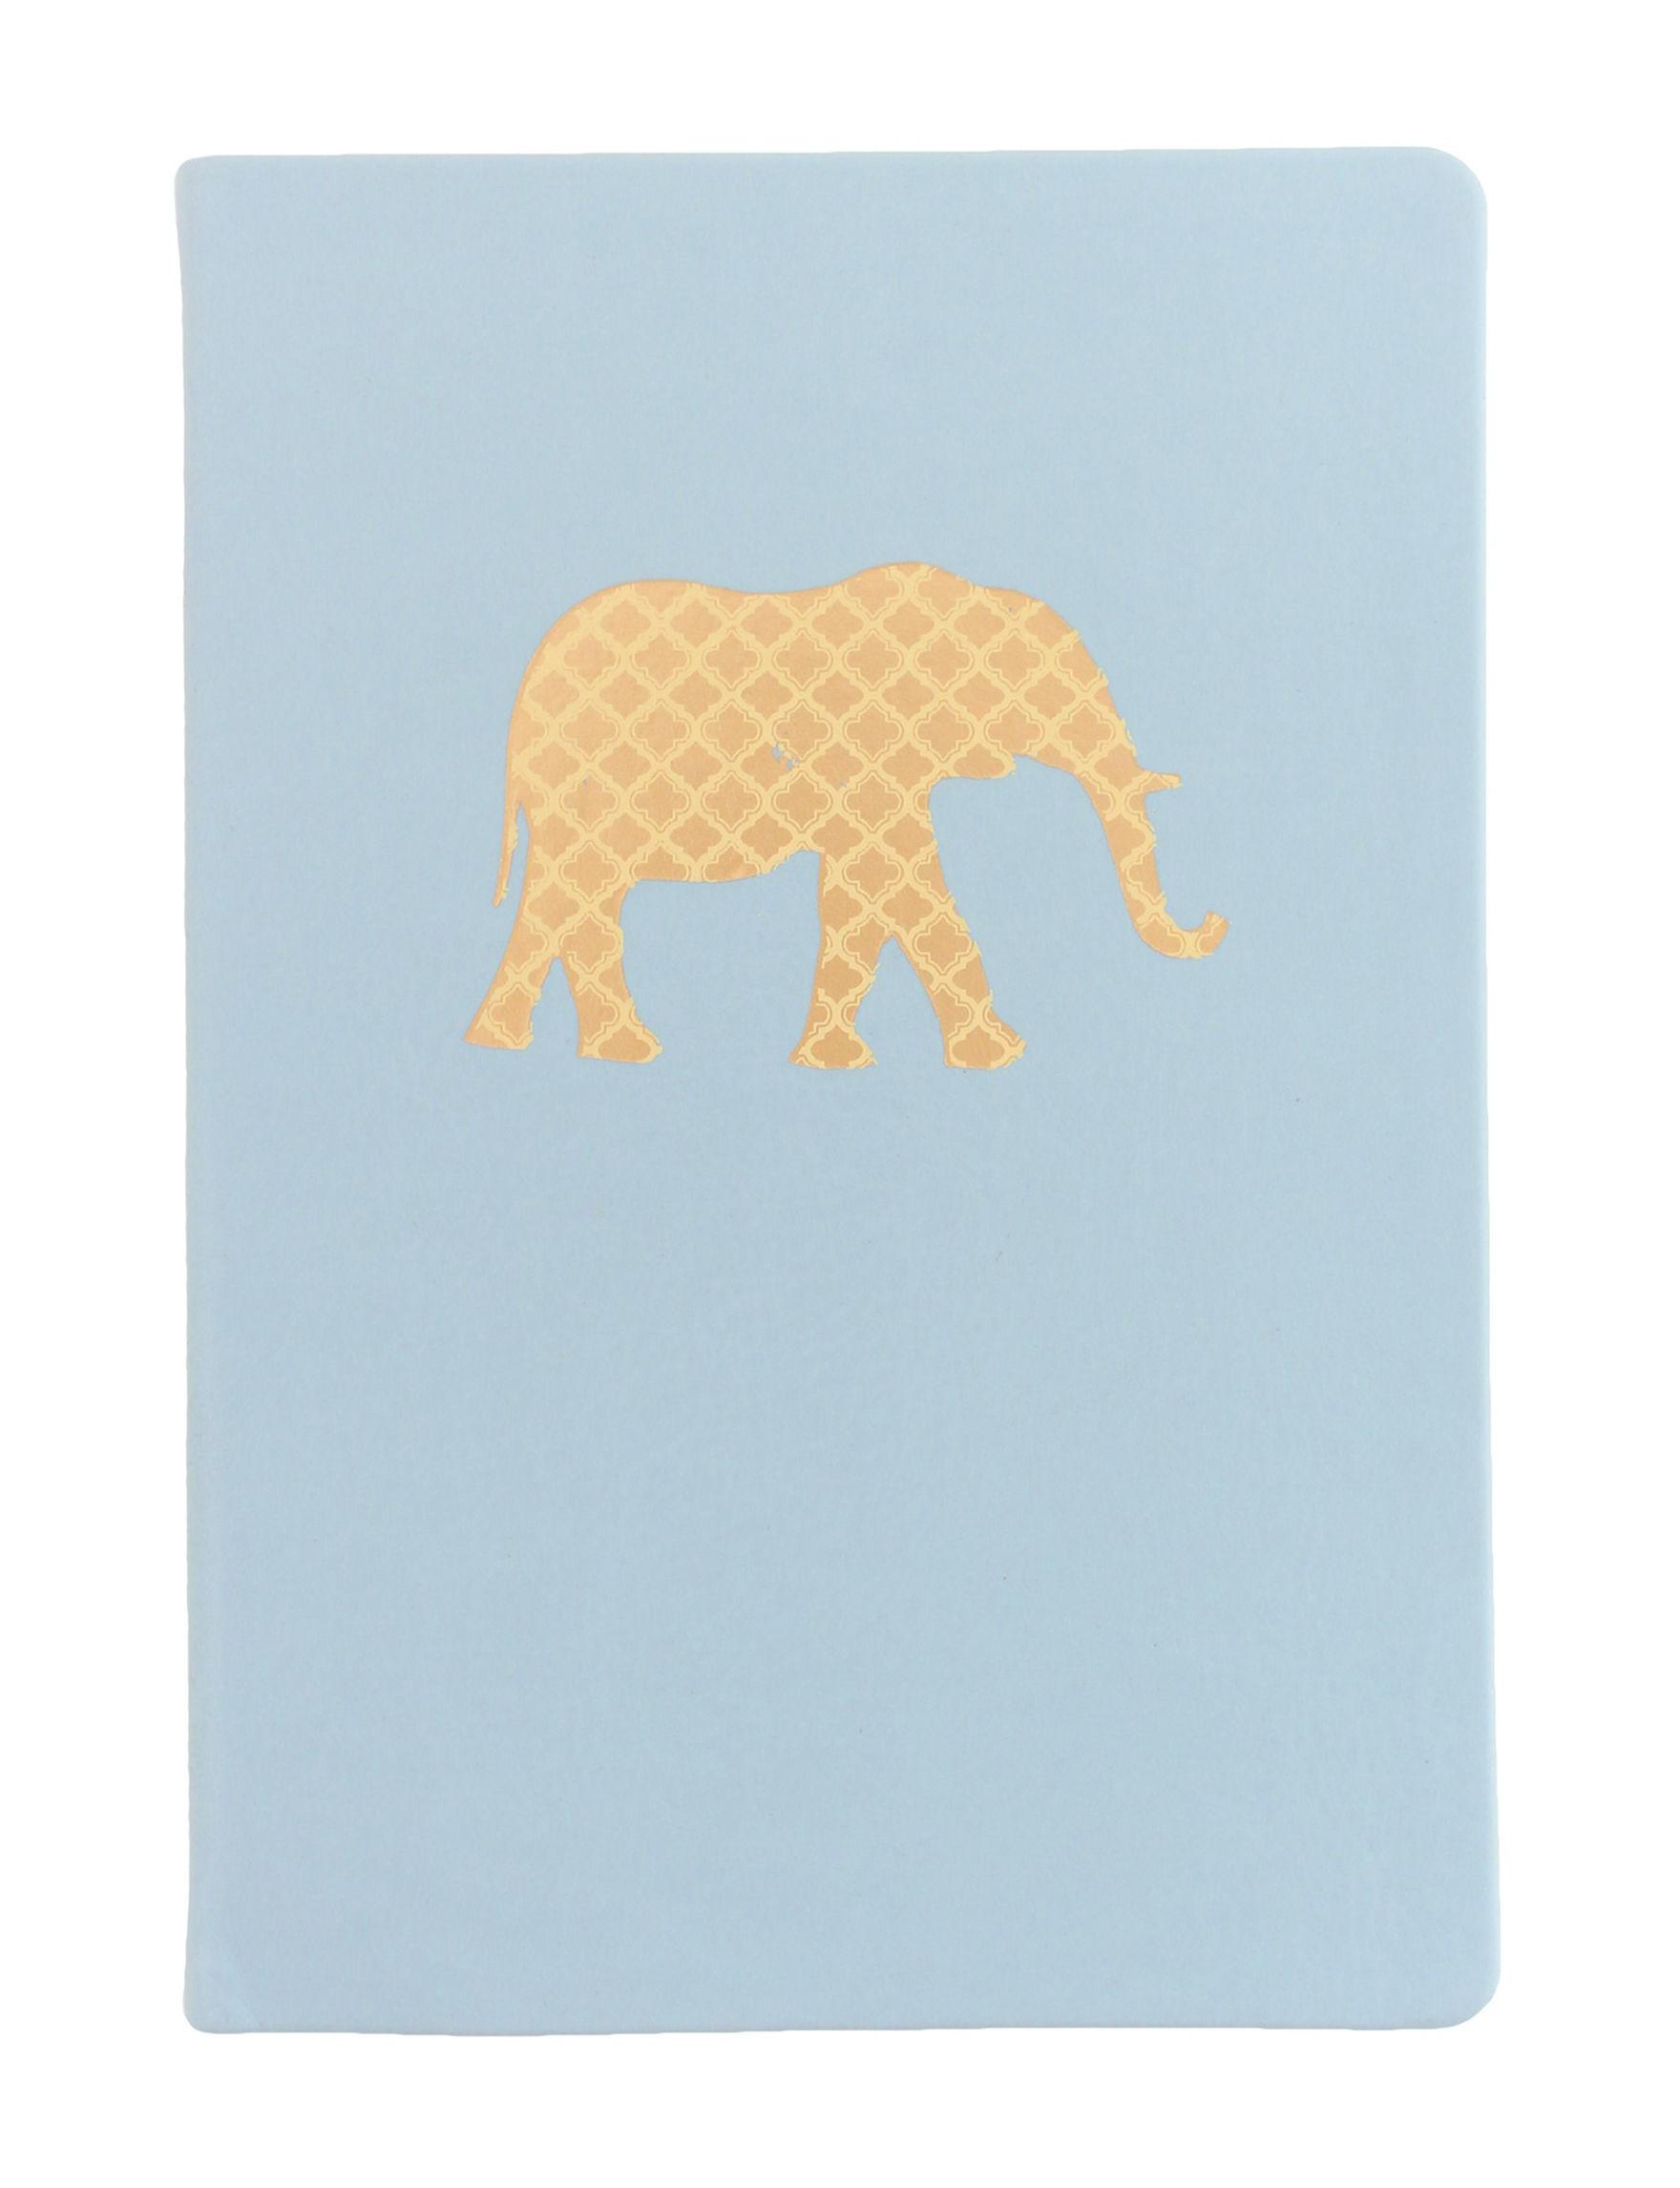 Eccolo Light Blue Journals & Notepads School & Office Supplies